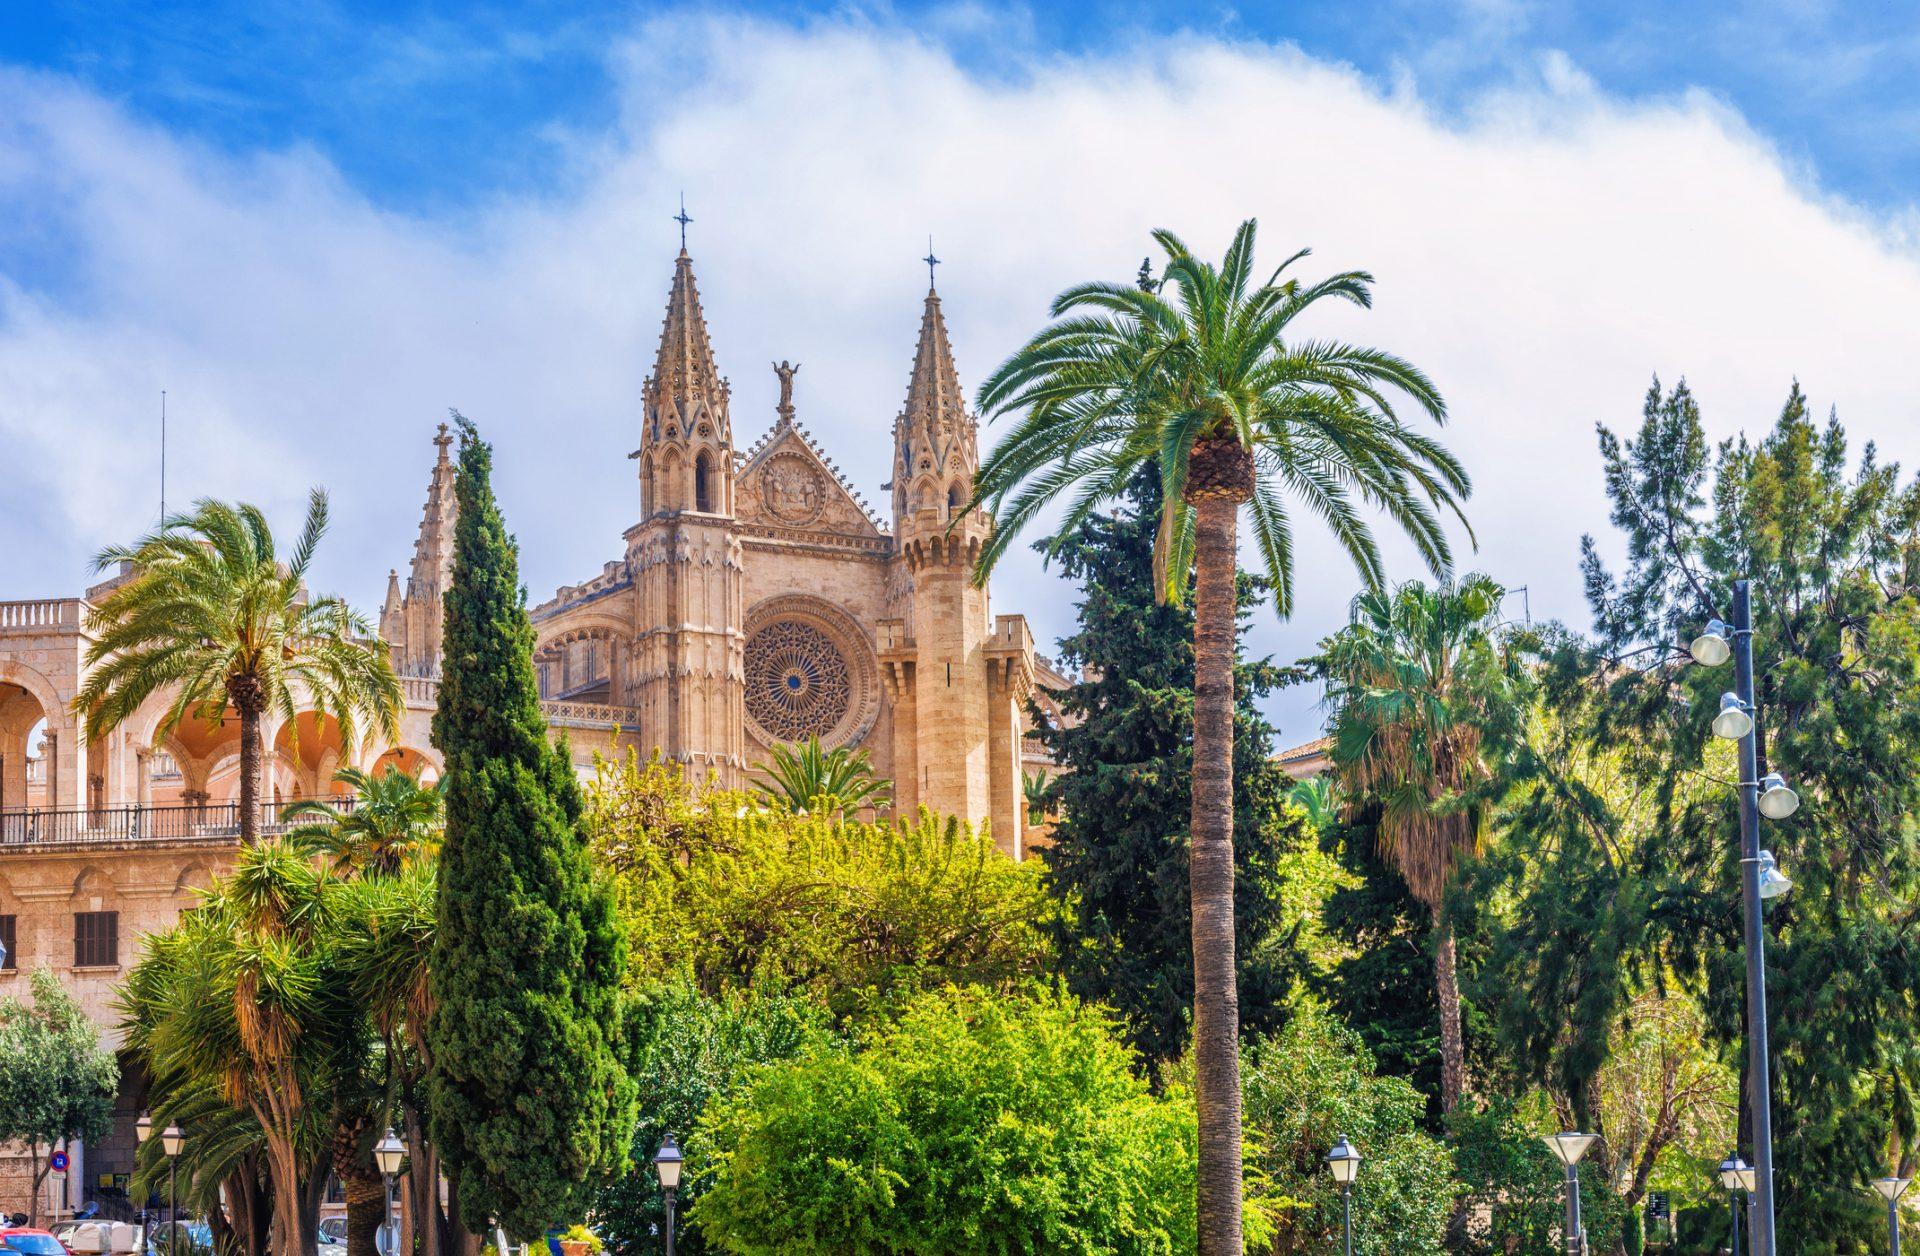 La Seu, die Kathedrale von Palma de Mallorca